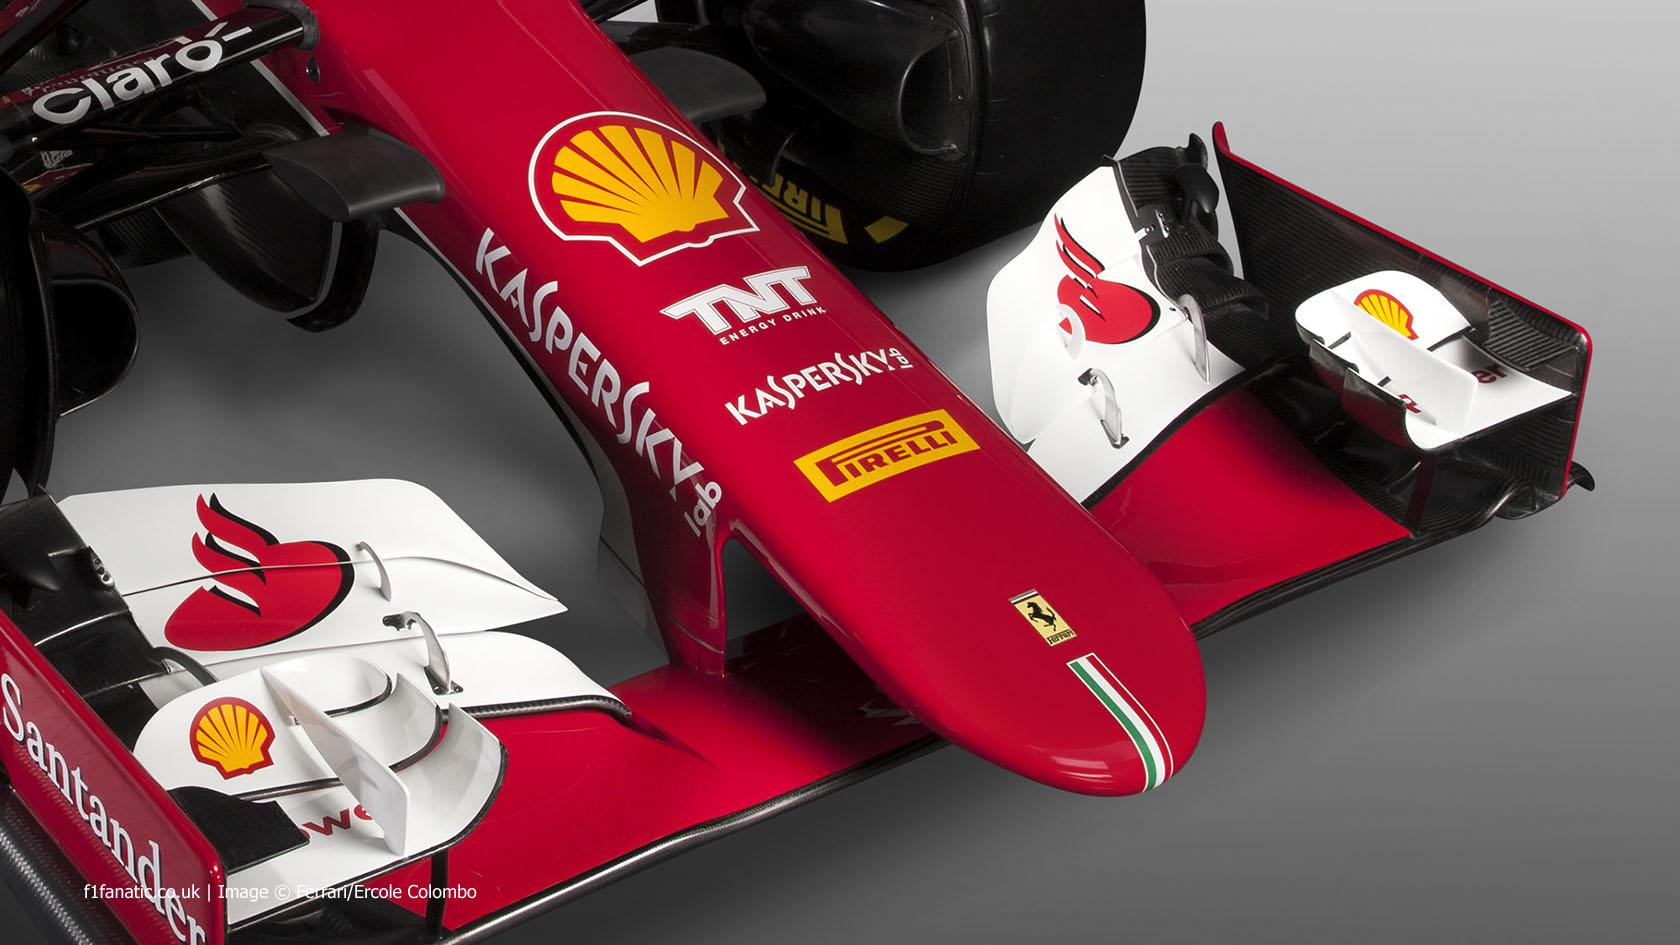 Temporada F1 2015 Ferrari-sf15t-detail-3